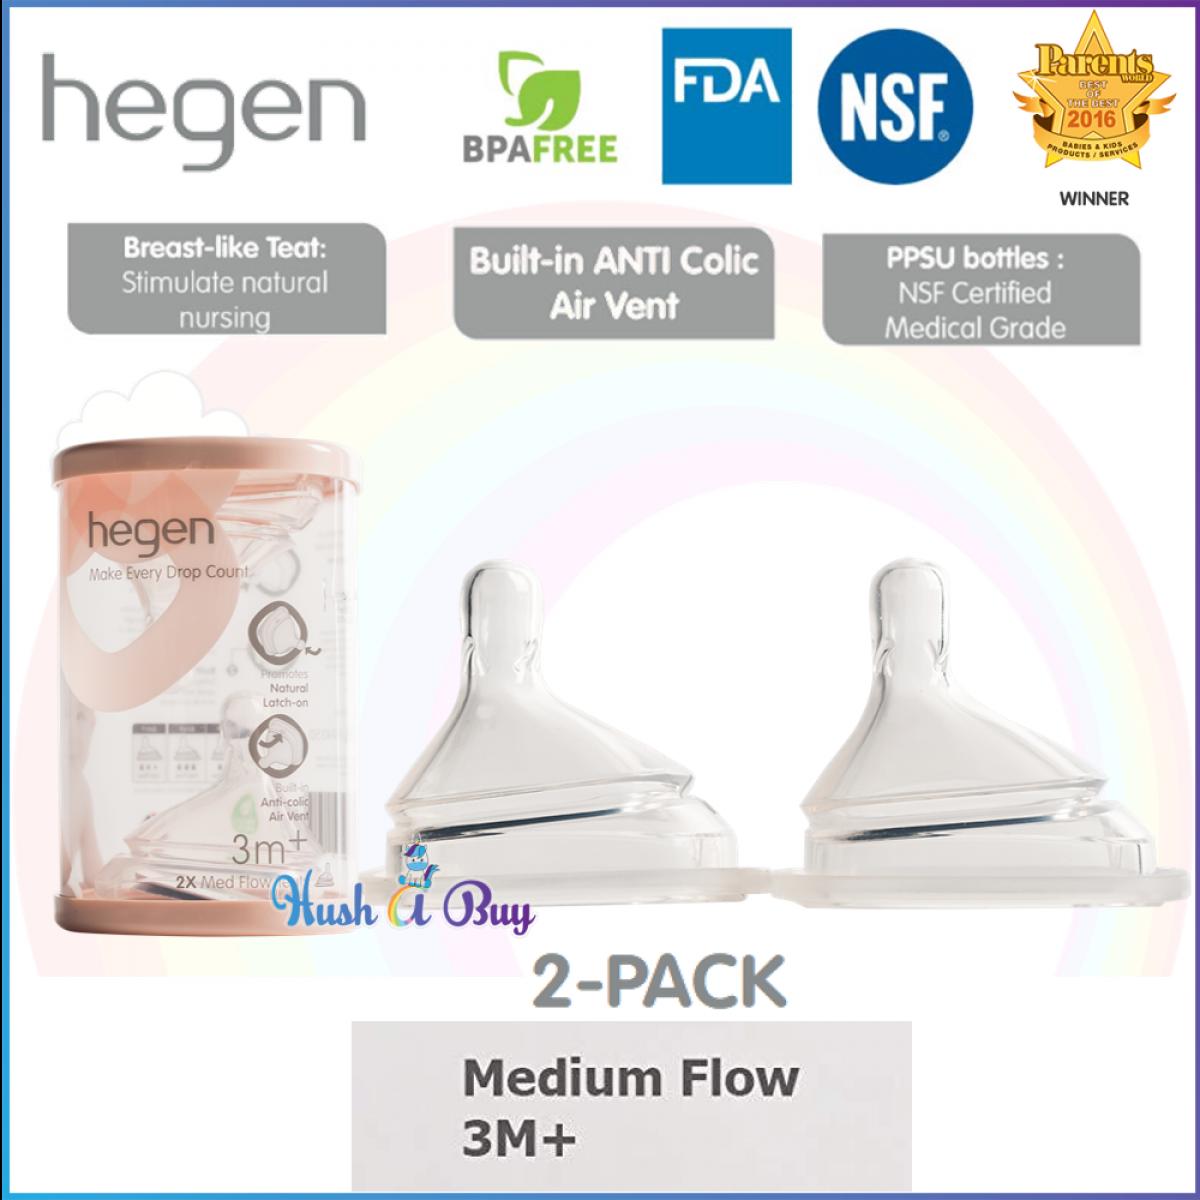 Hegen Teat /Nipple / Puting (2 pack)- Slow Flow/ Fast Flow/ Medium Flow/ Thick Feed